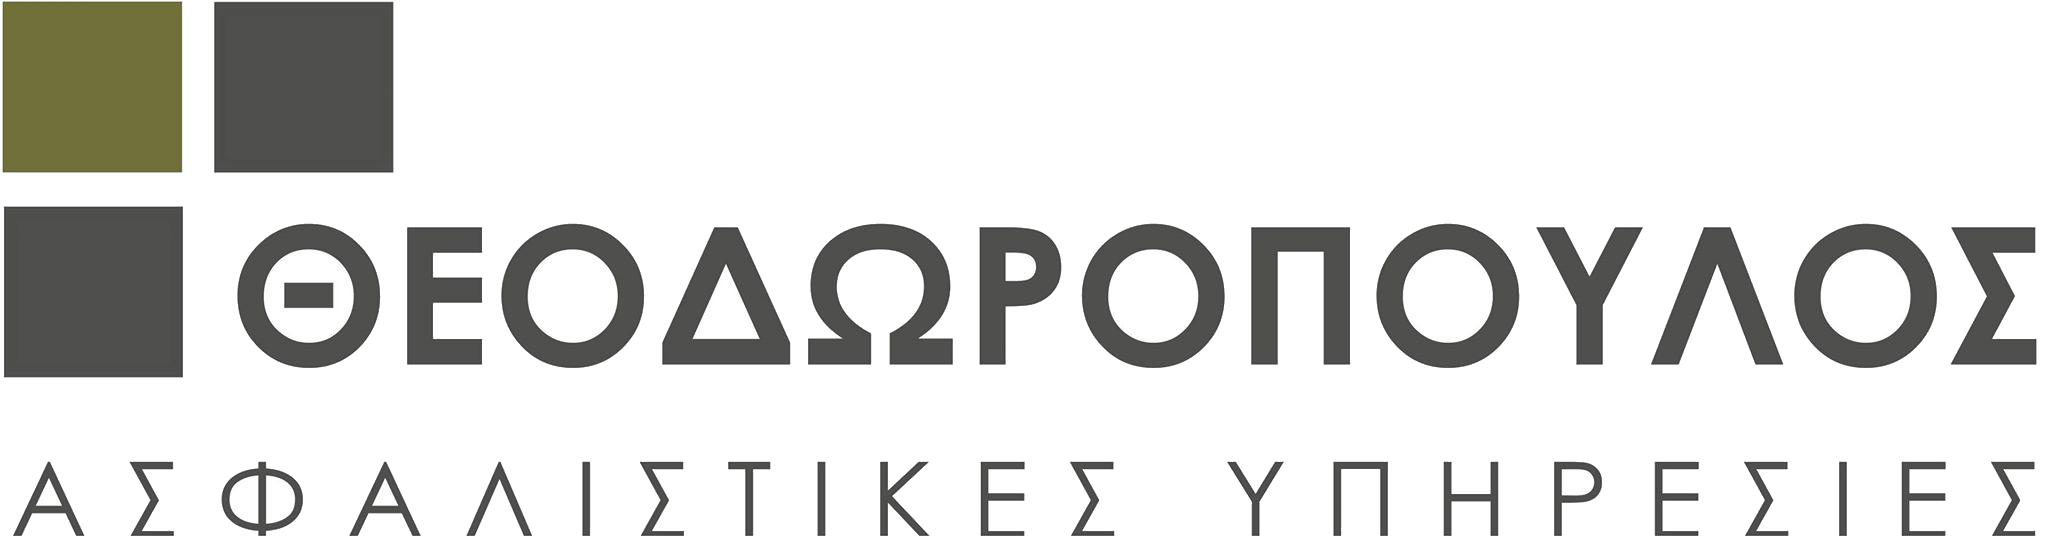 Θεοδωρόπουλος Ασφαλιστικές Υπηρεσίες